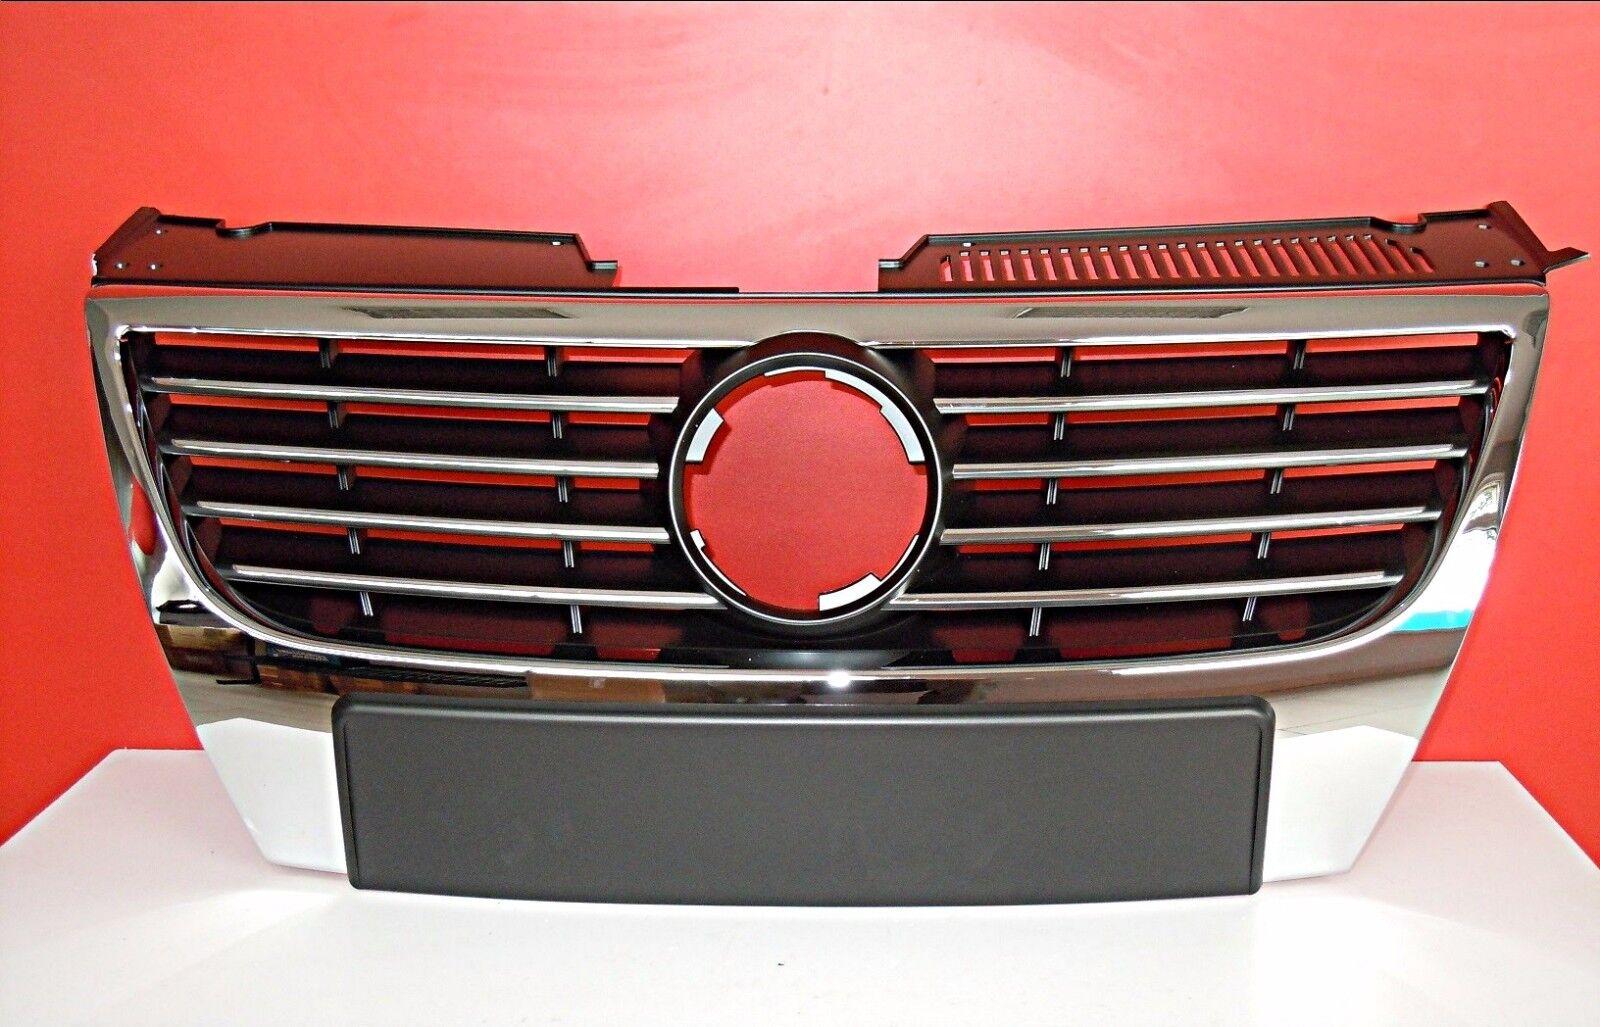 Kühlergitter Kühlergrill Grill vorne front VW PASSAT B6 2005 - chrom